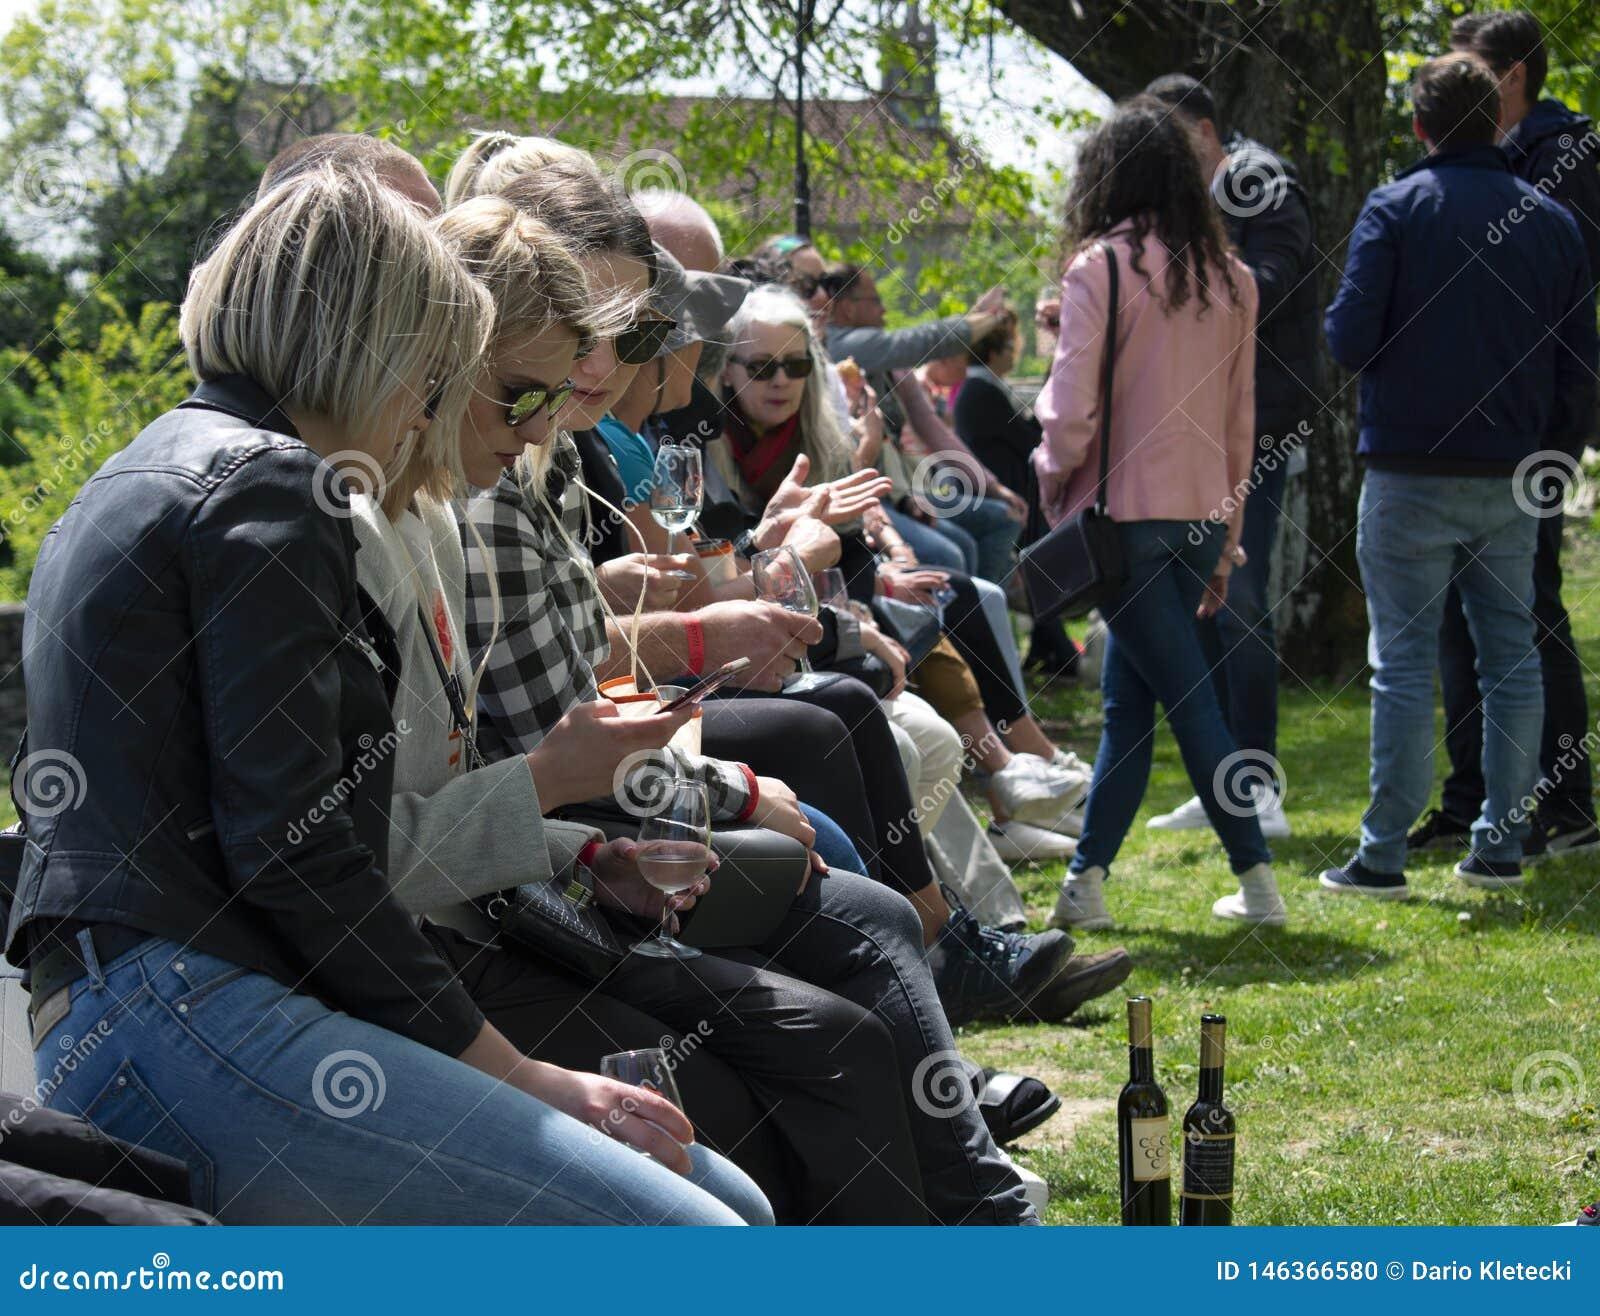 Gruppo di giovani al festival di vino